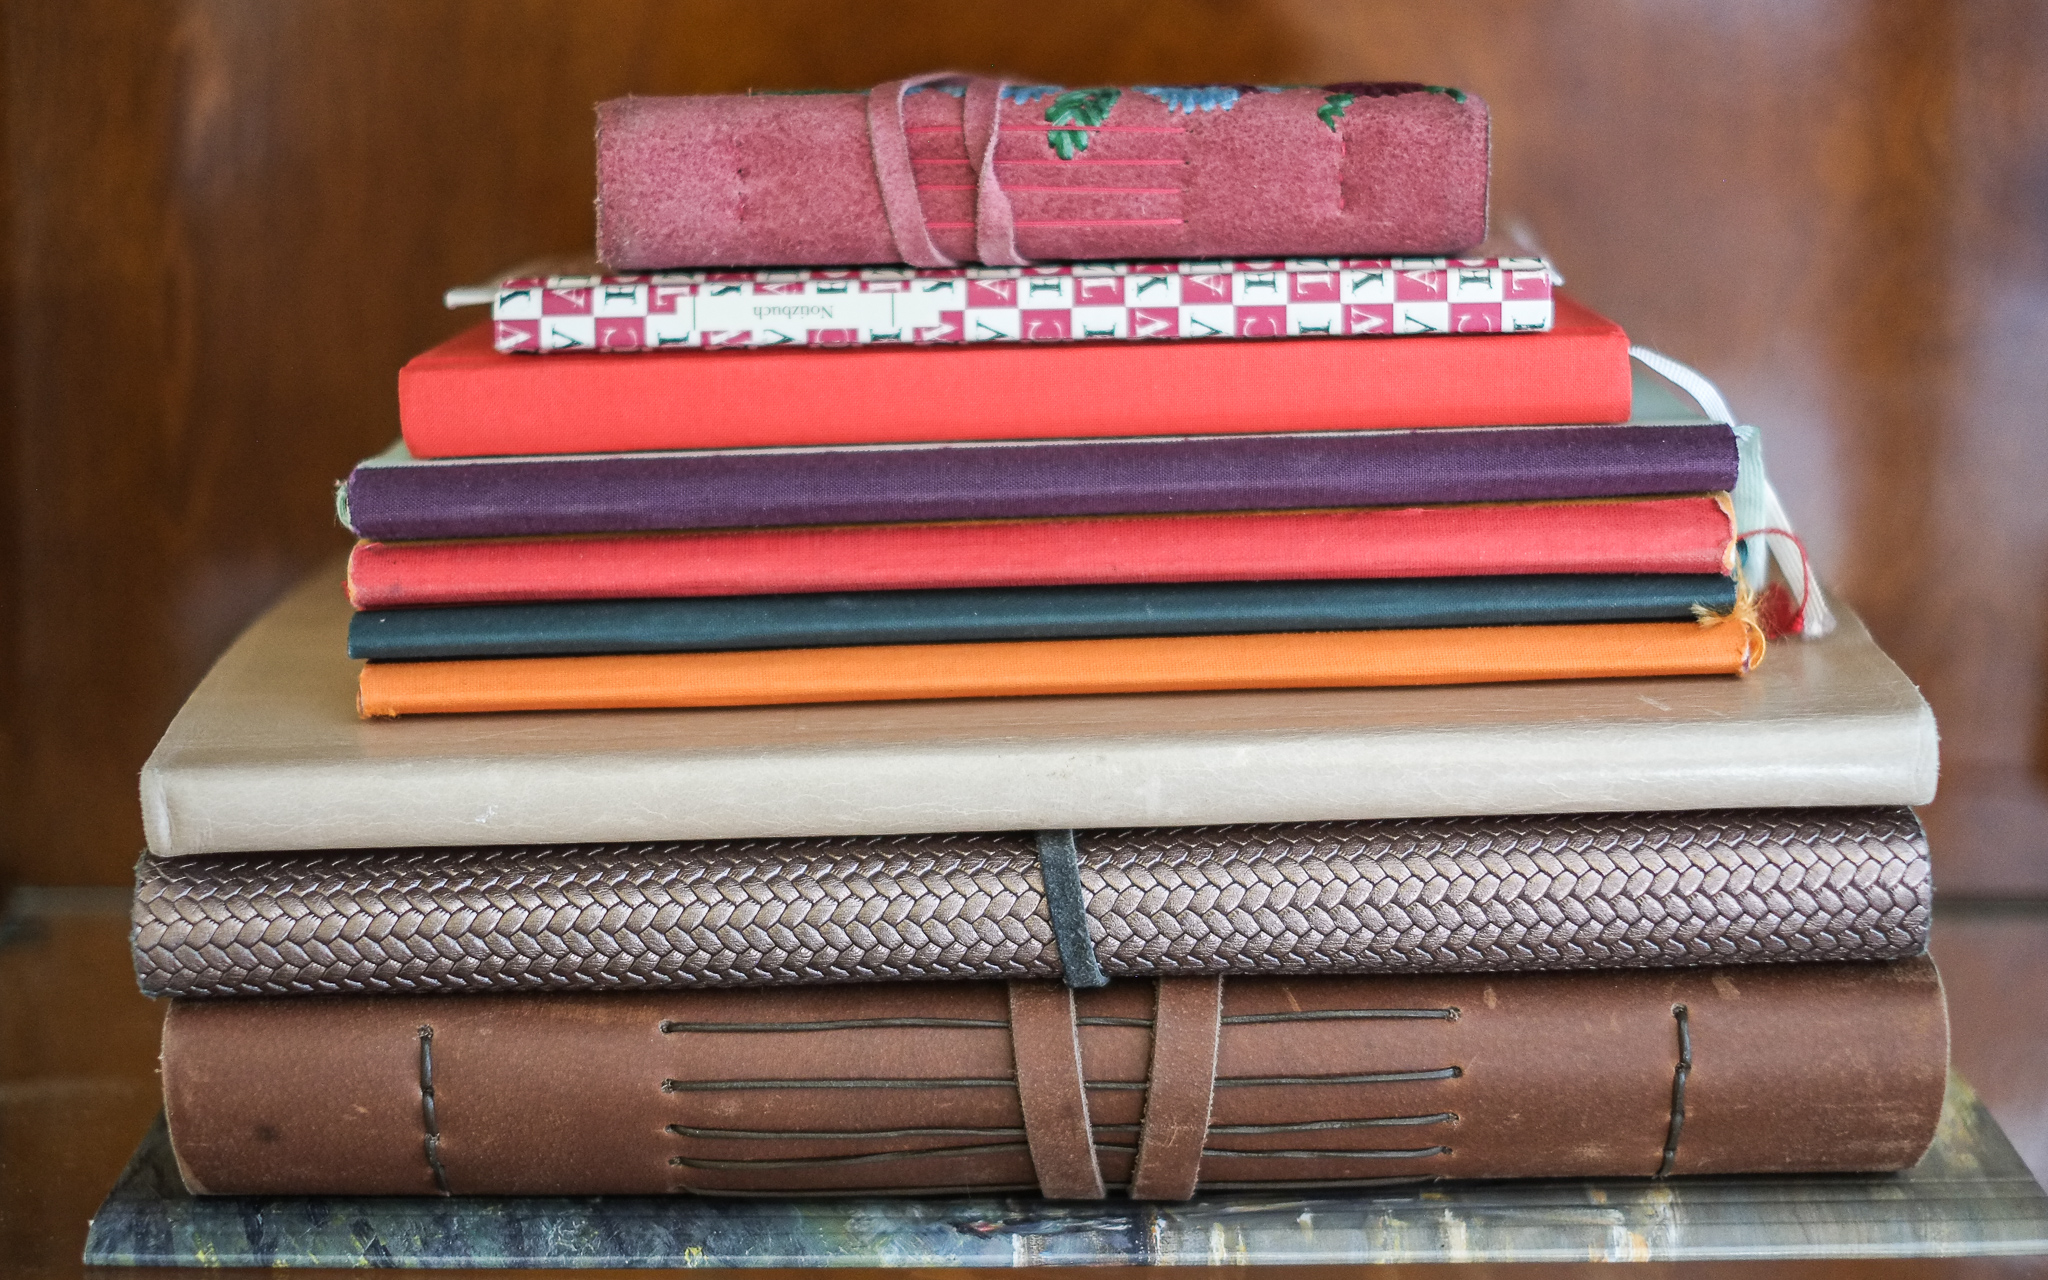 Ein kleiner Stapel meiner Notizbücher. Viele meiner Freunde schenken mir schöne Notizbücher.